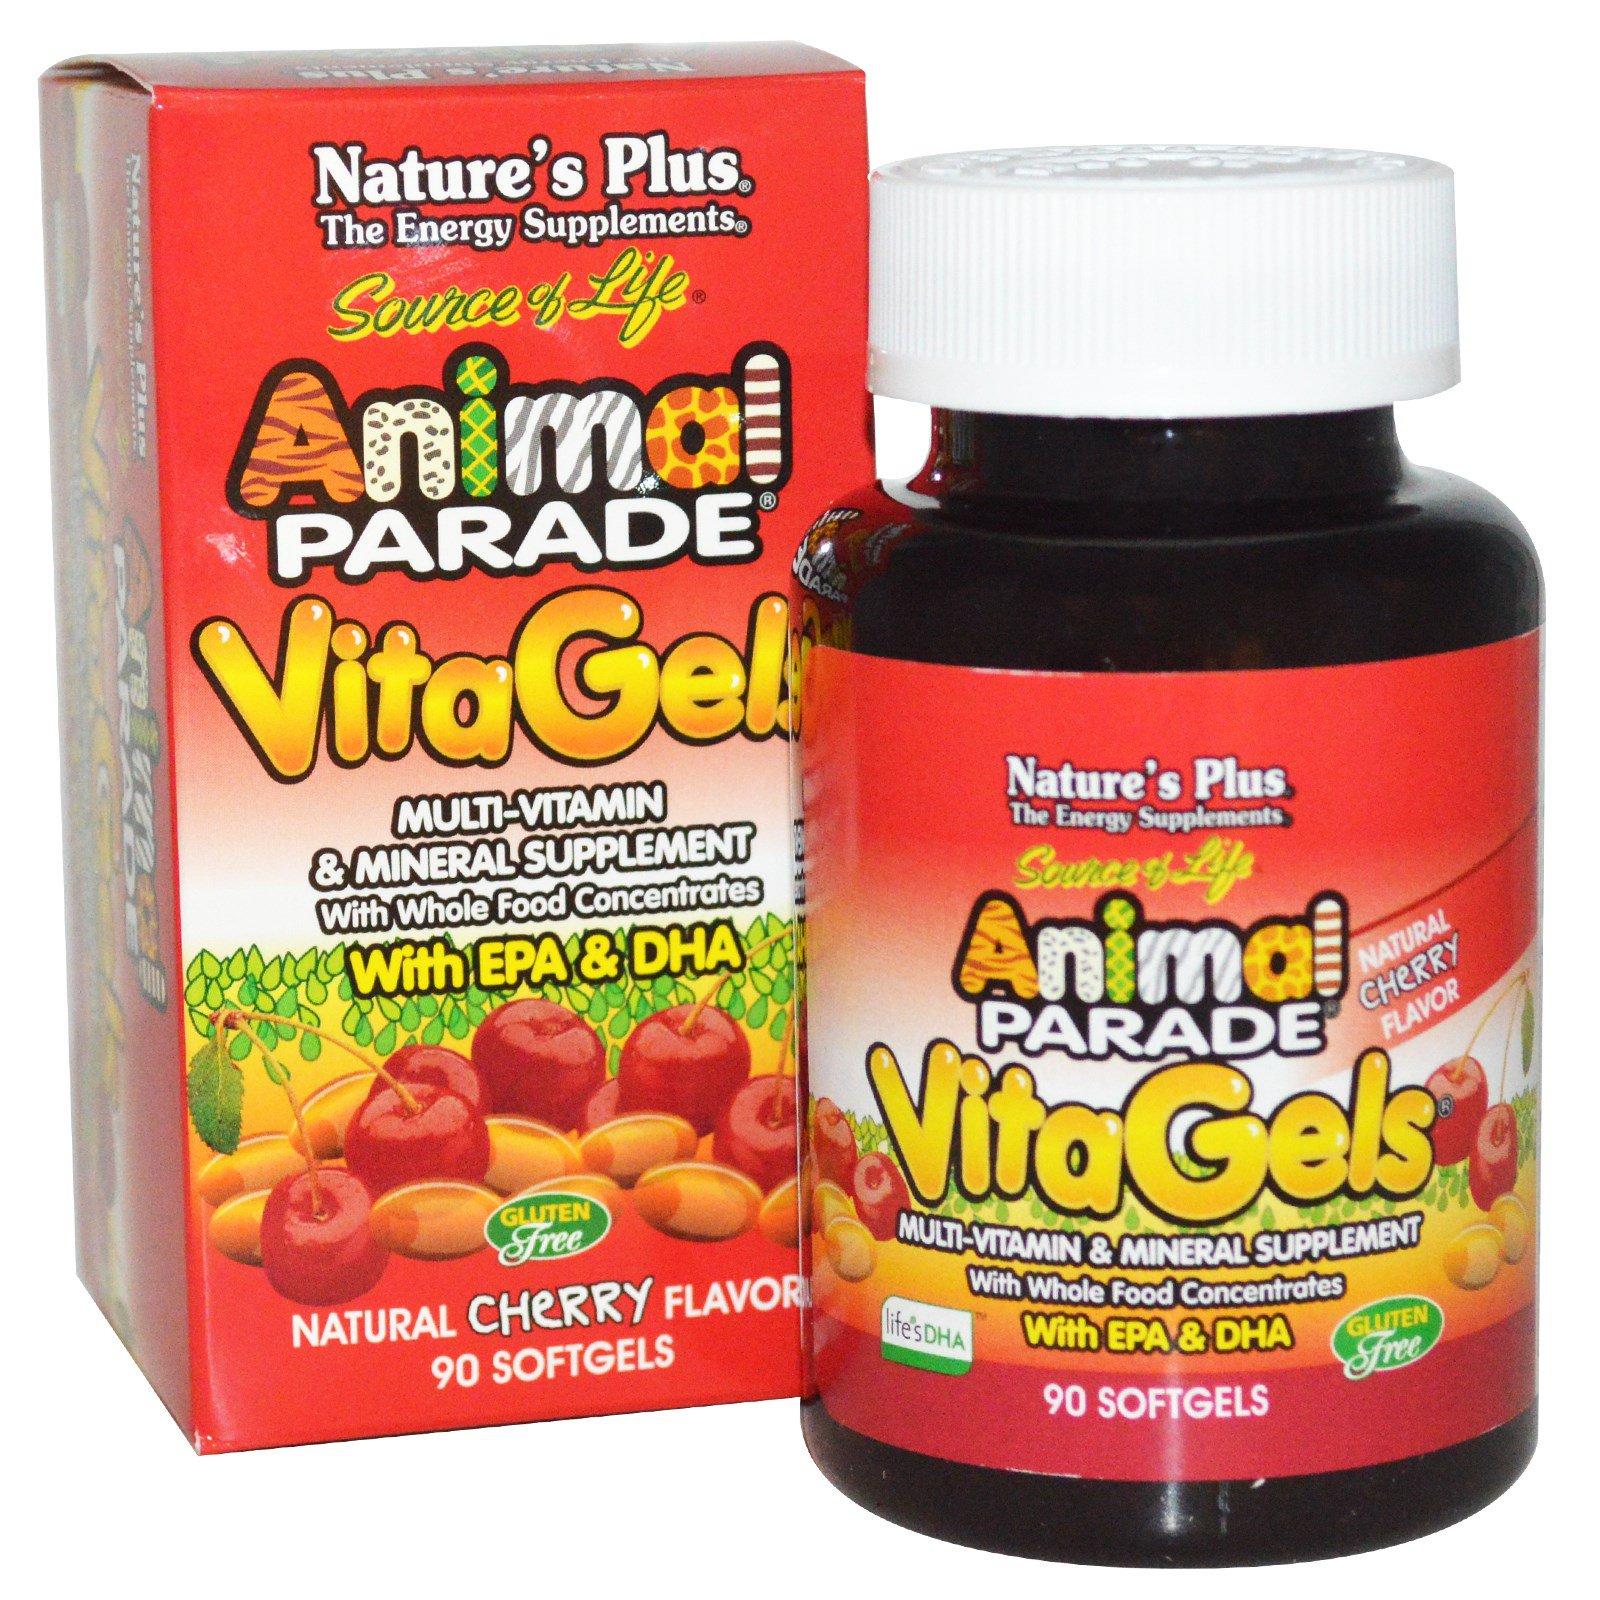 Nature's Plus, Source of Life, «Парад животных», Витагели, добавка с мультивитаминами и минералами, натуральный вишневый вкус, 90 мягких желатиновых капсул